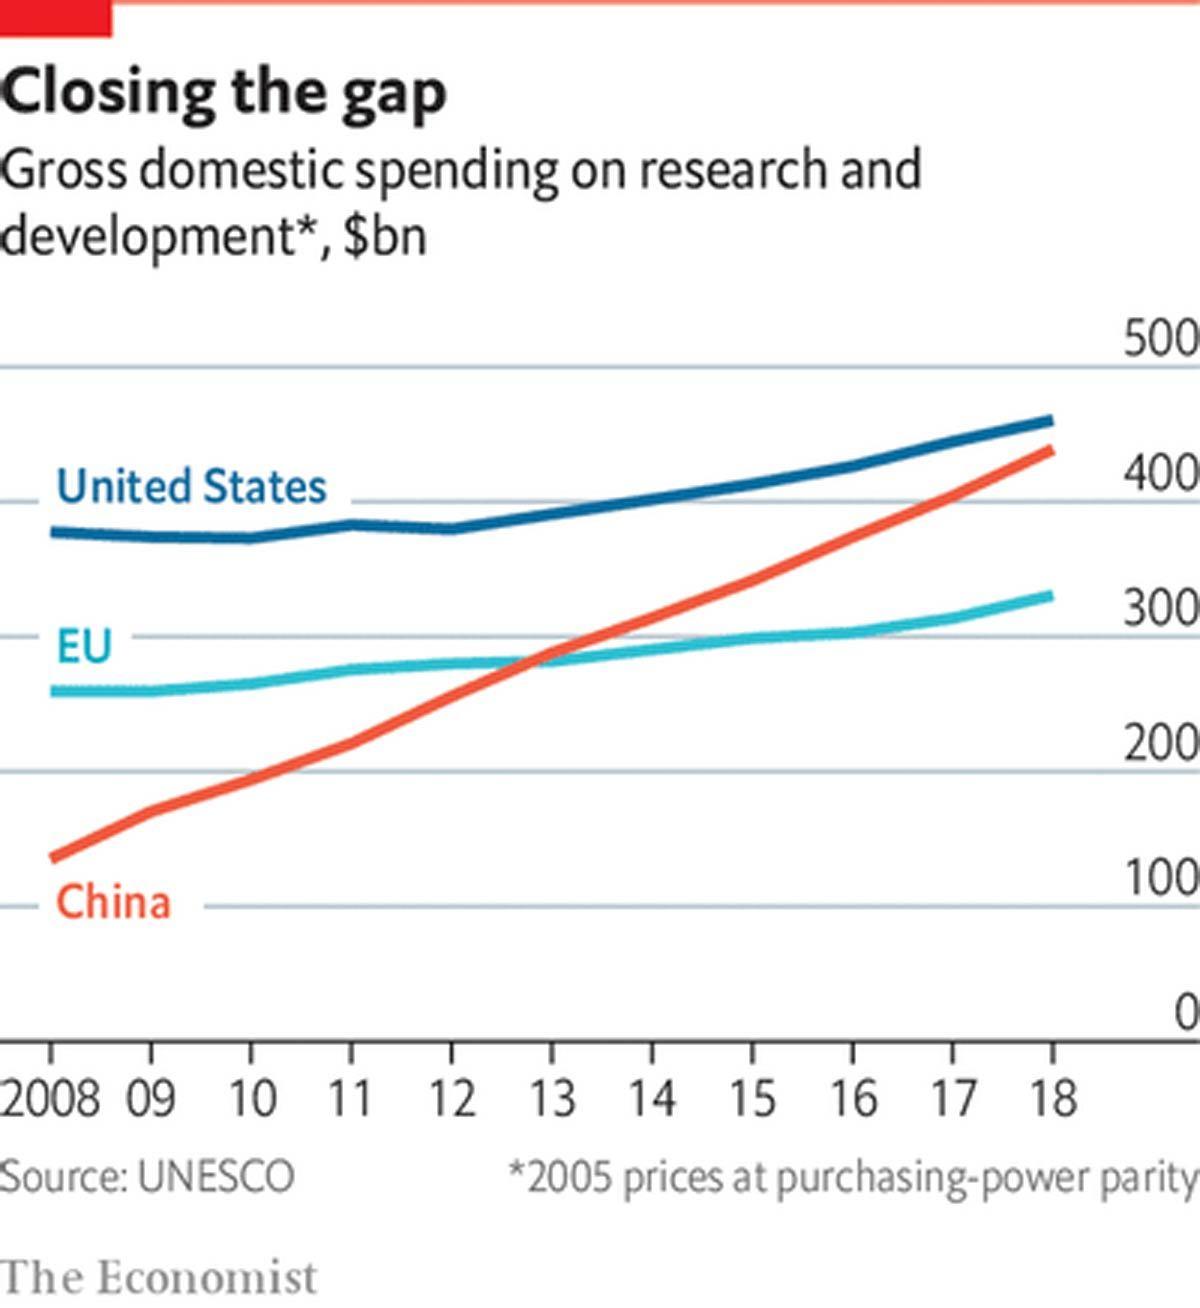 Thế giới giật mình nhìn lại vai trò nghiên cứu khoa học